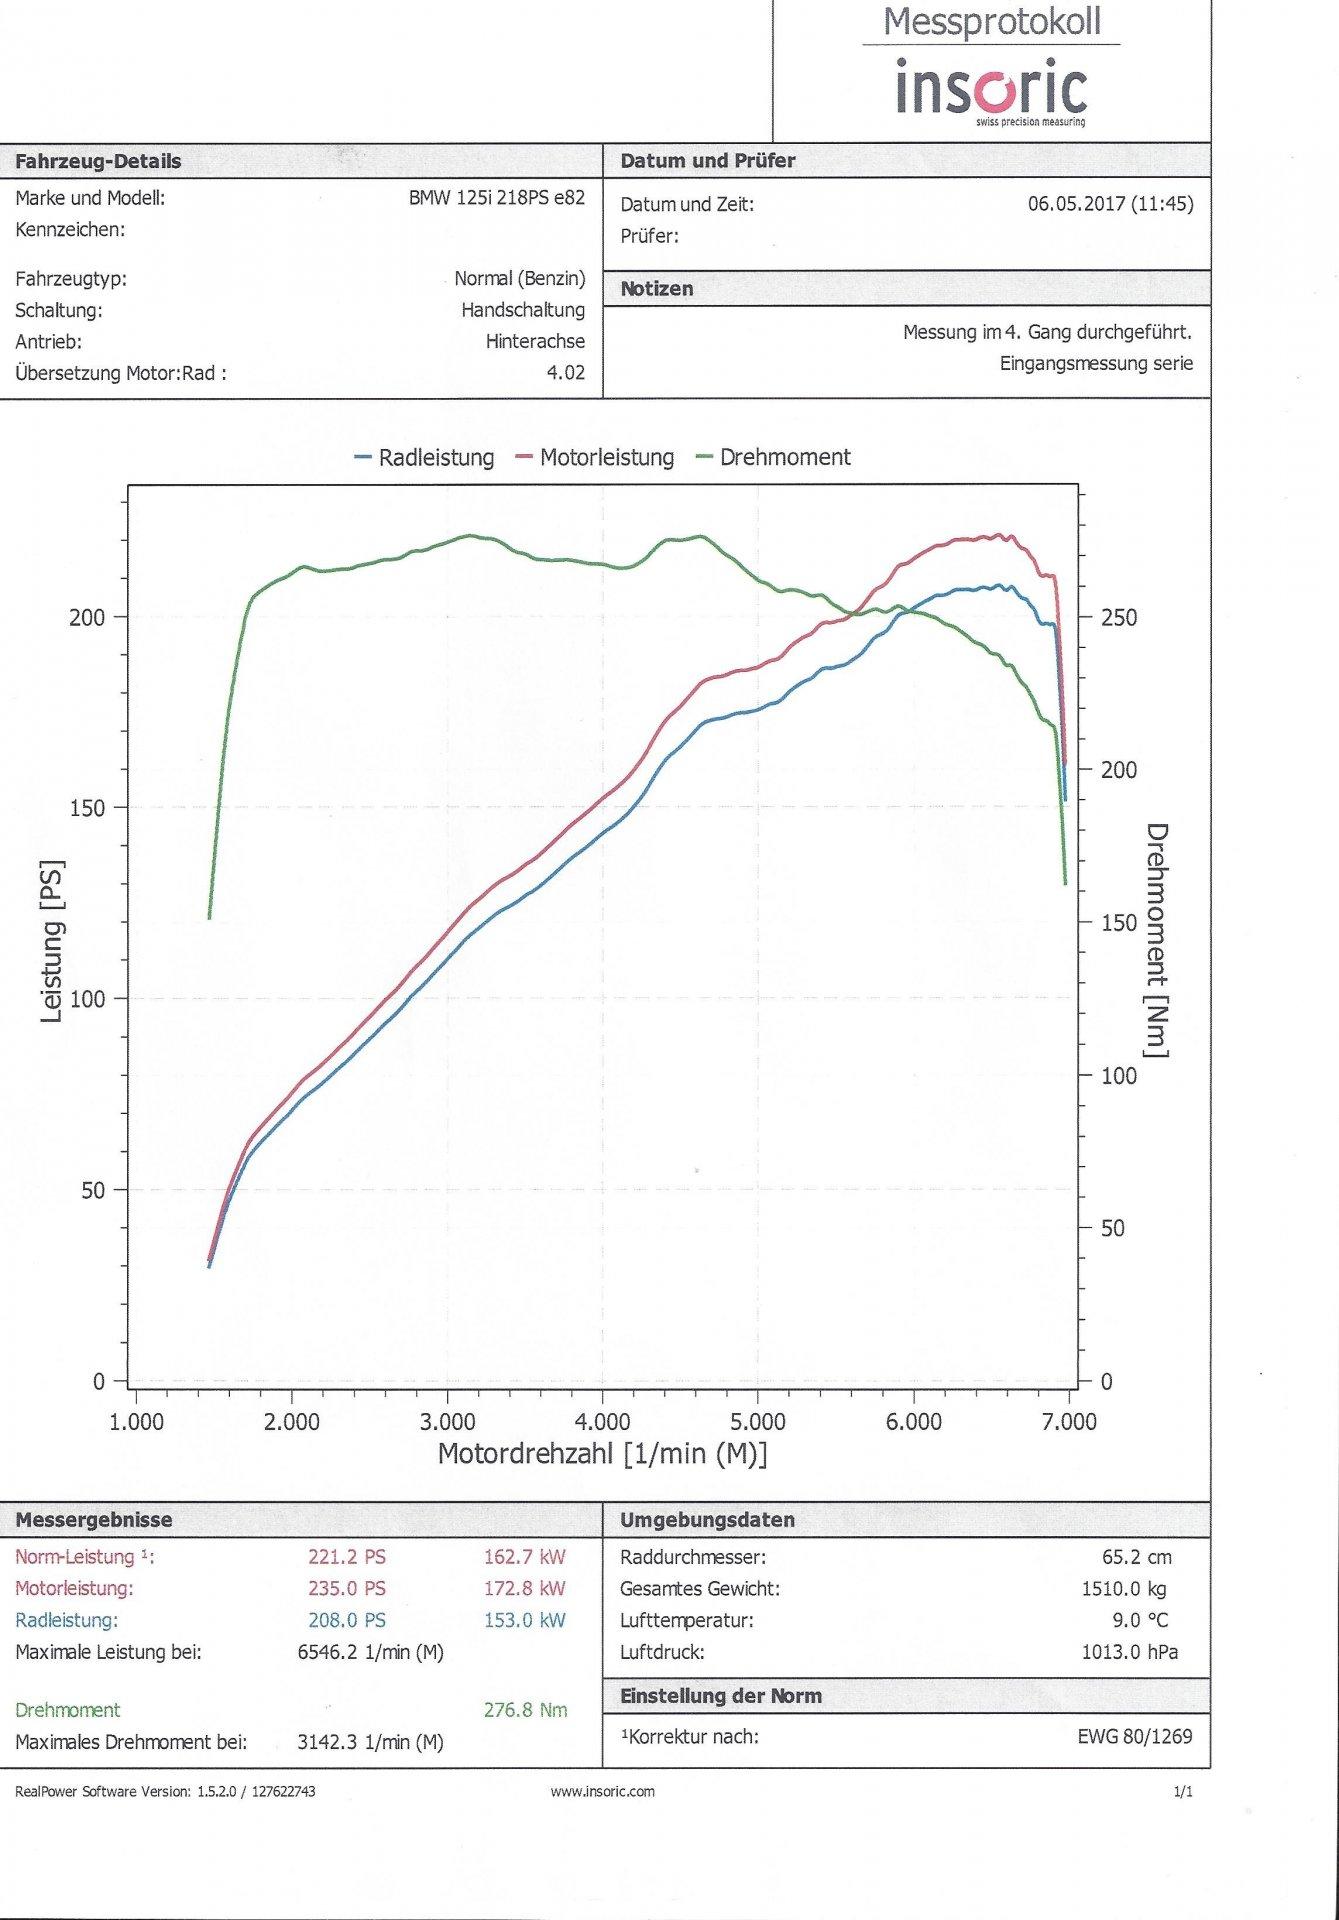 Alles zu: 125i Entdrosselung / Kennfeldoptimierung usw | Seite 163 ...